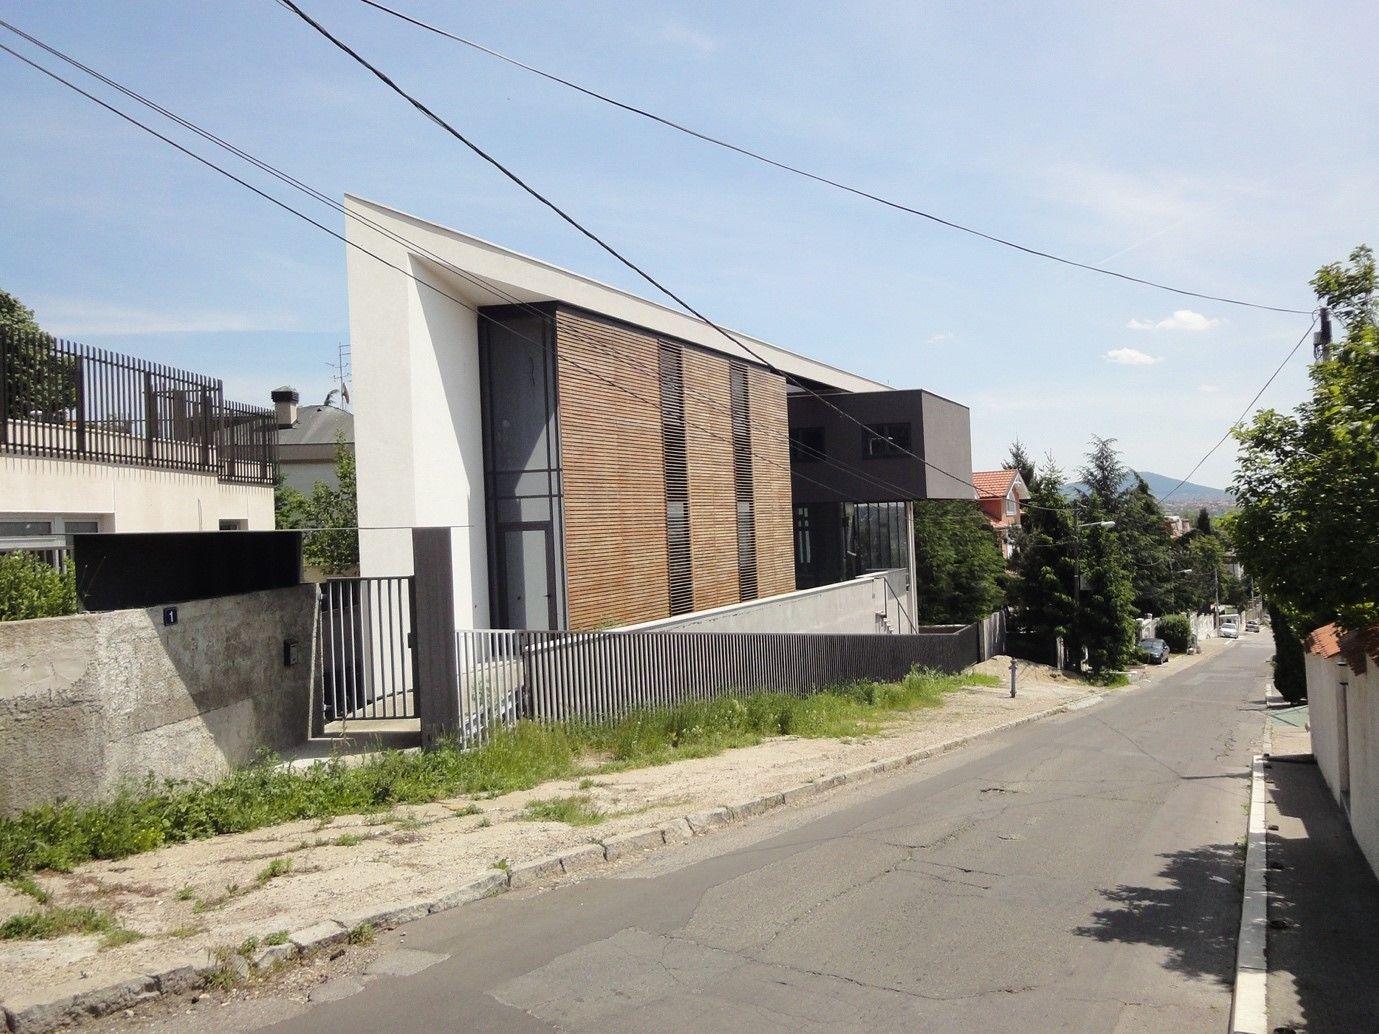 Vila u Miloja Đaka: Trougao kao projektantski izazov